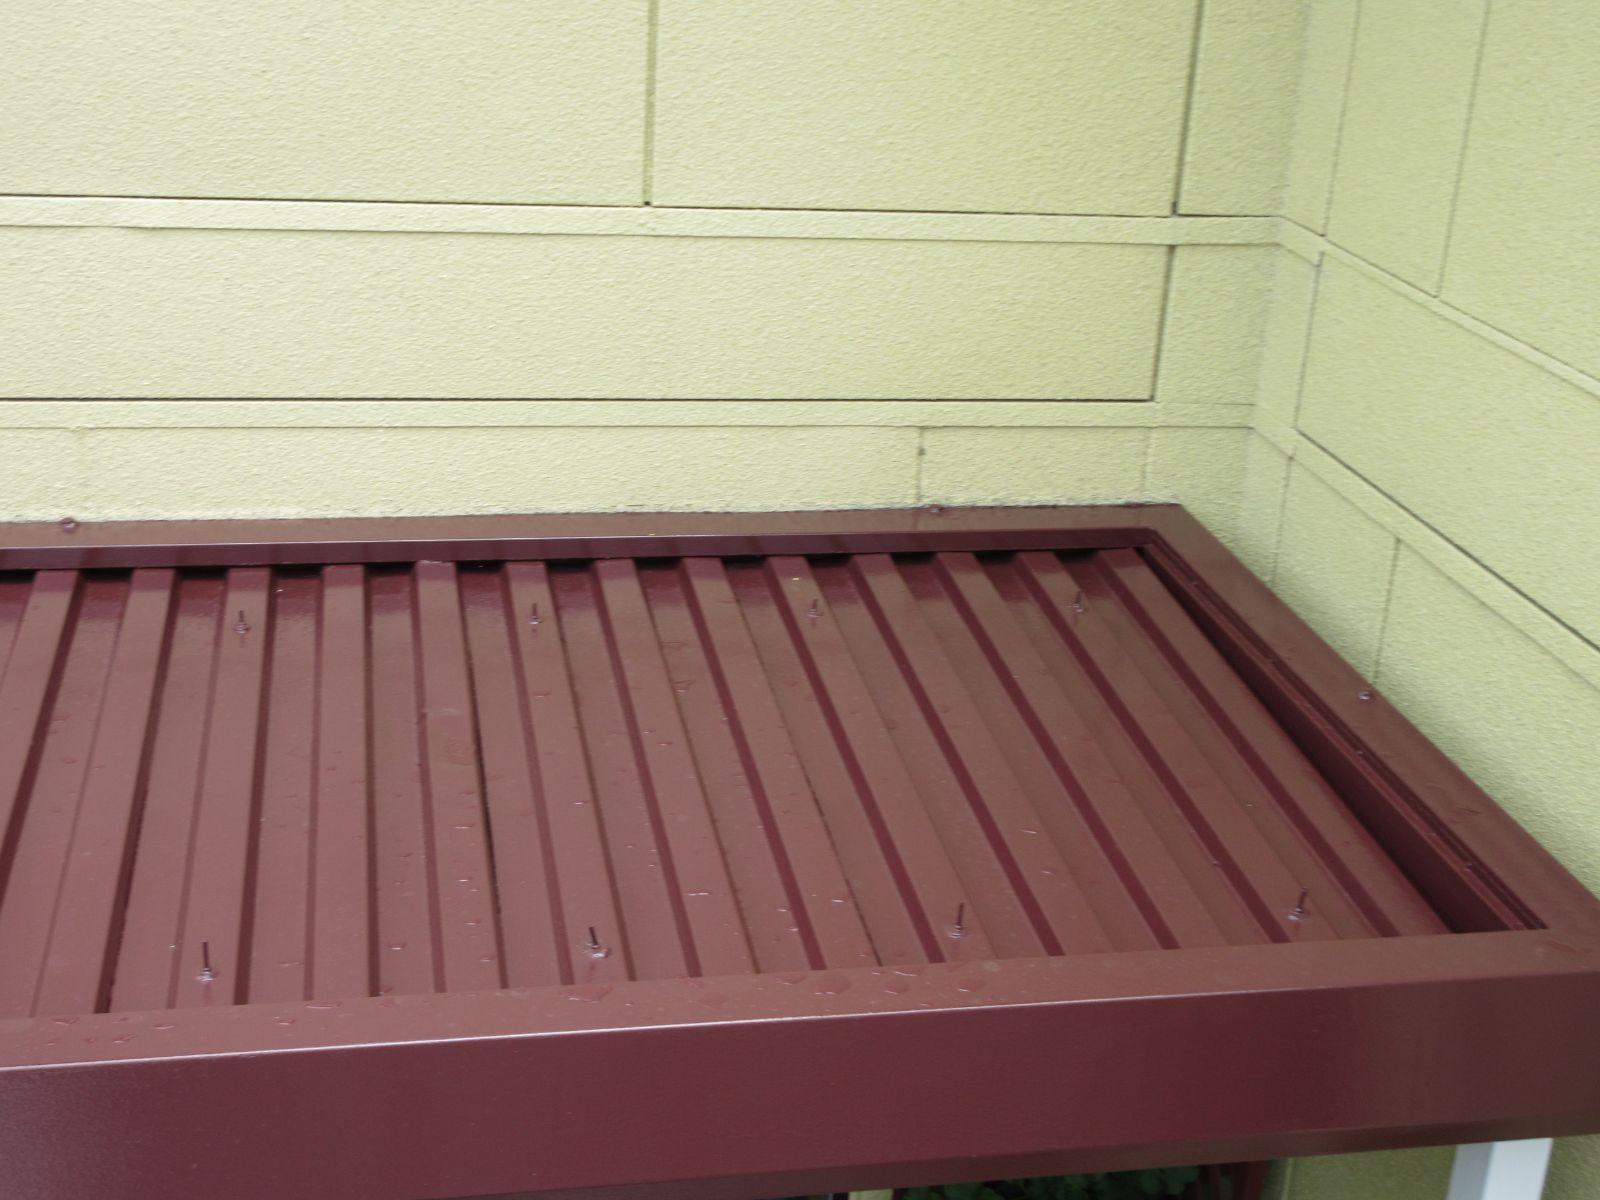 【紀の川市】M様邸 屋根塗装工事<br>『コーティングを施し、輝きと耐久性をプラス♬』4